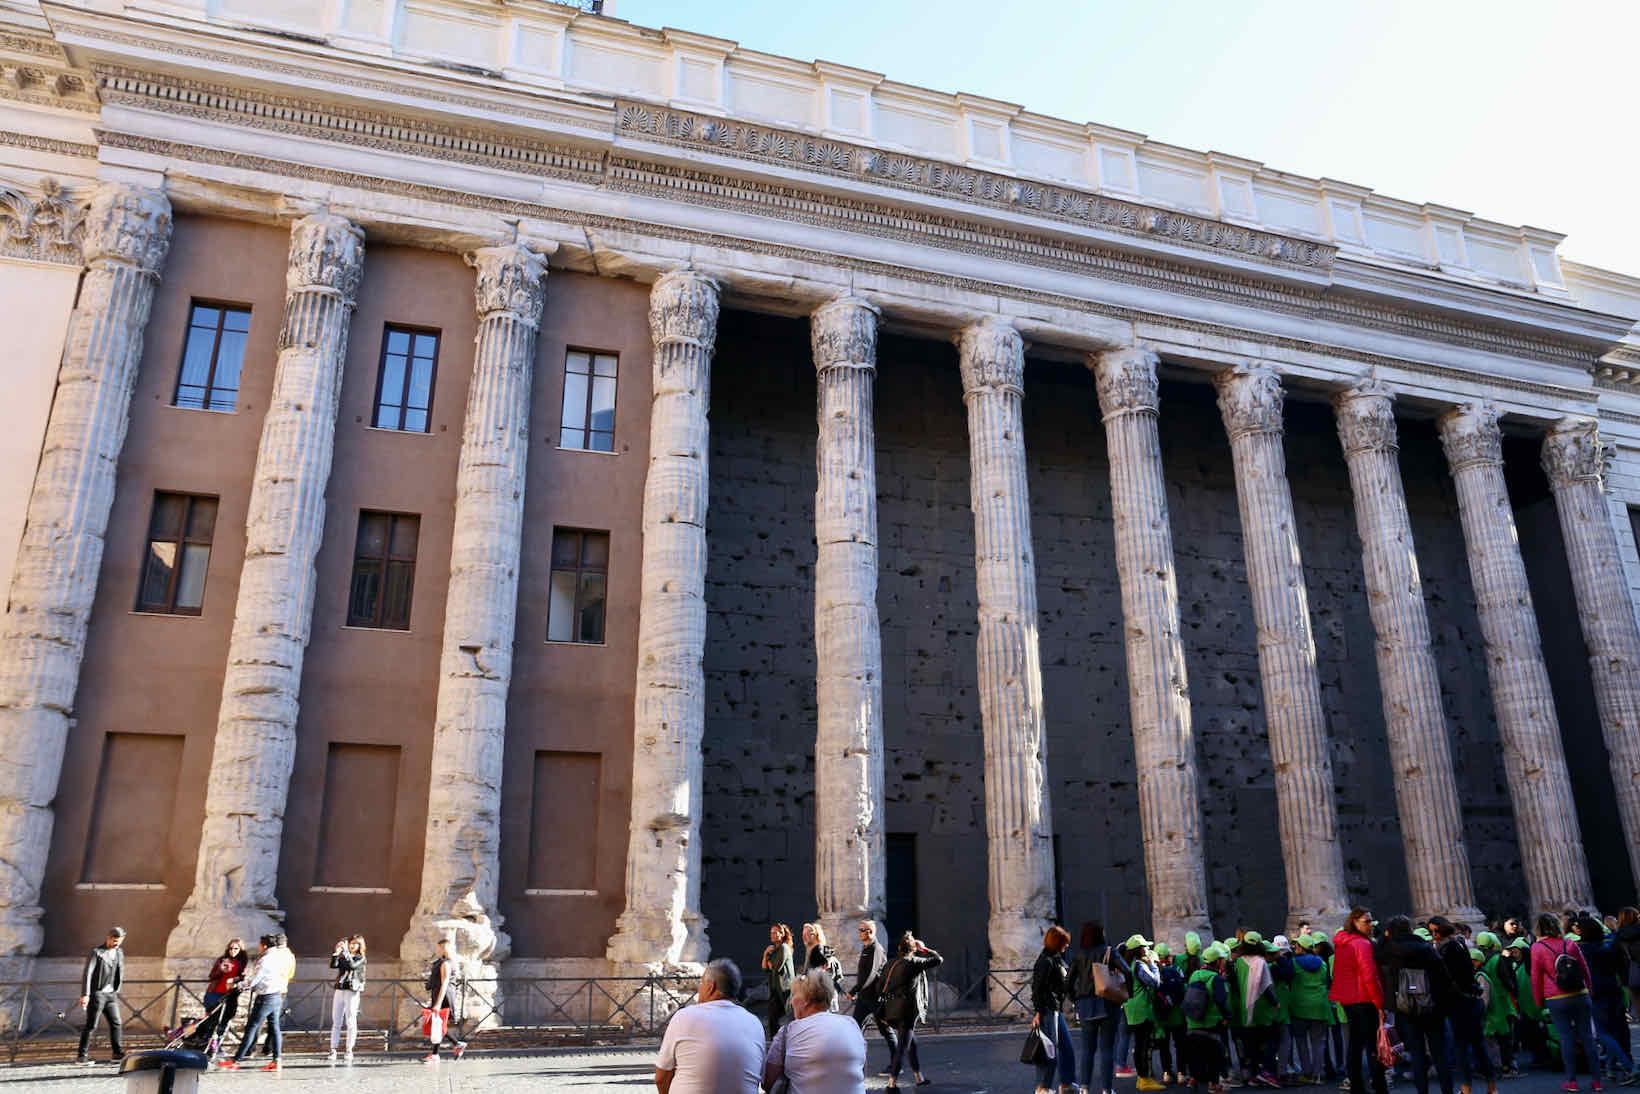 passeios em roma templo de adriano